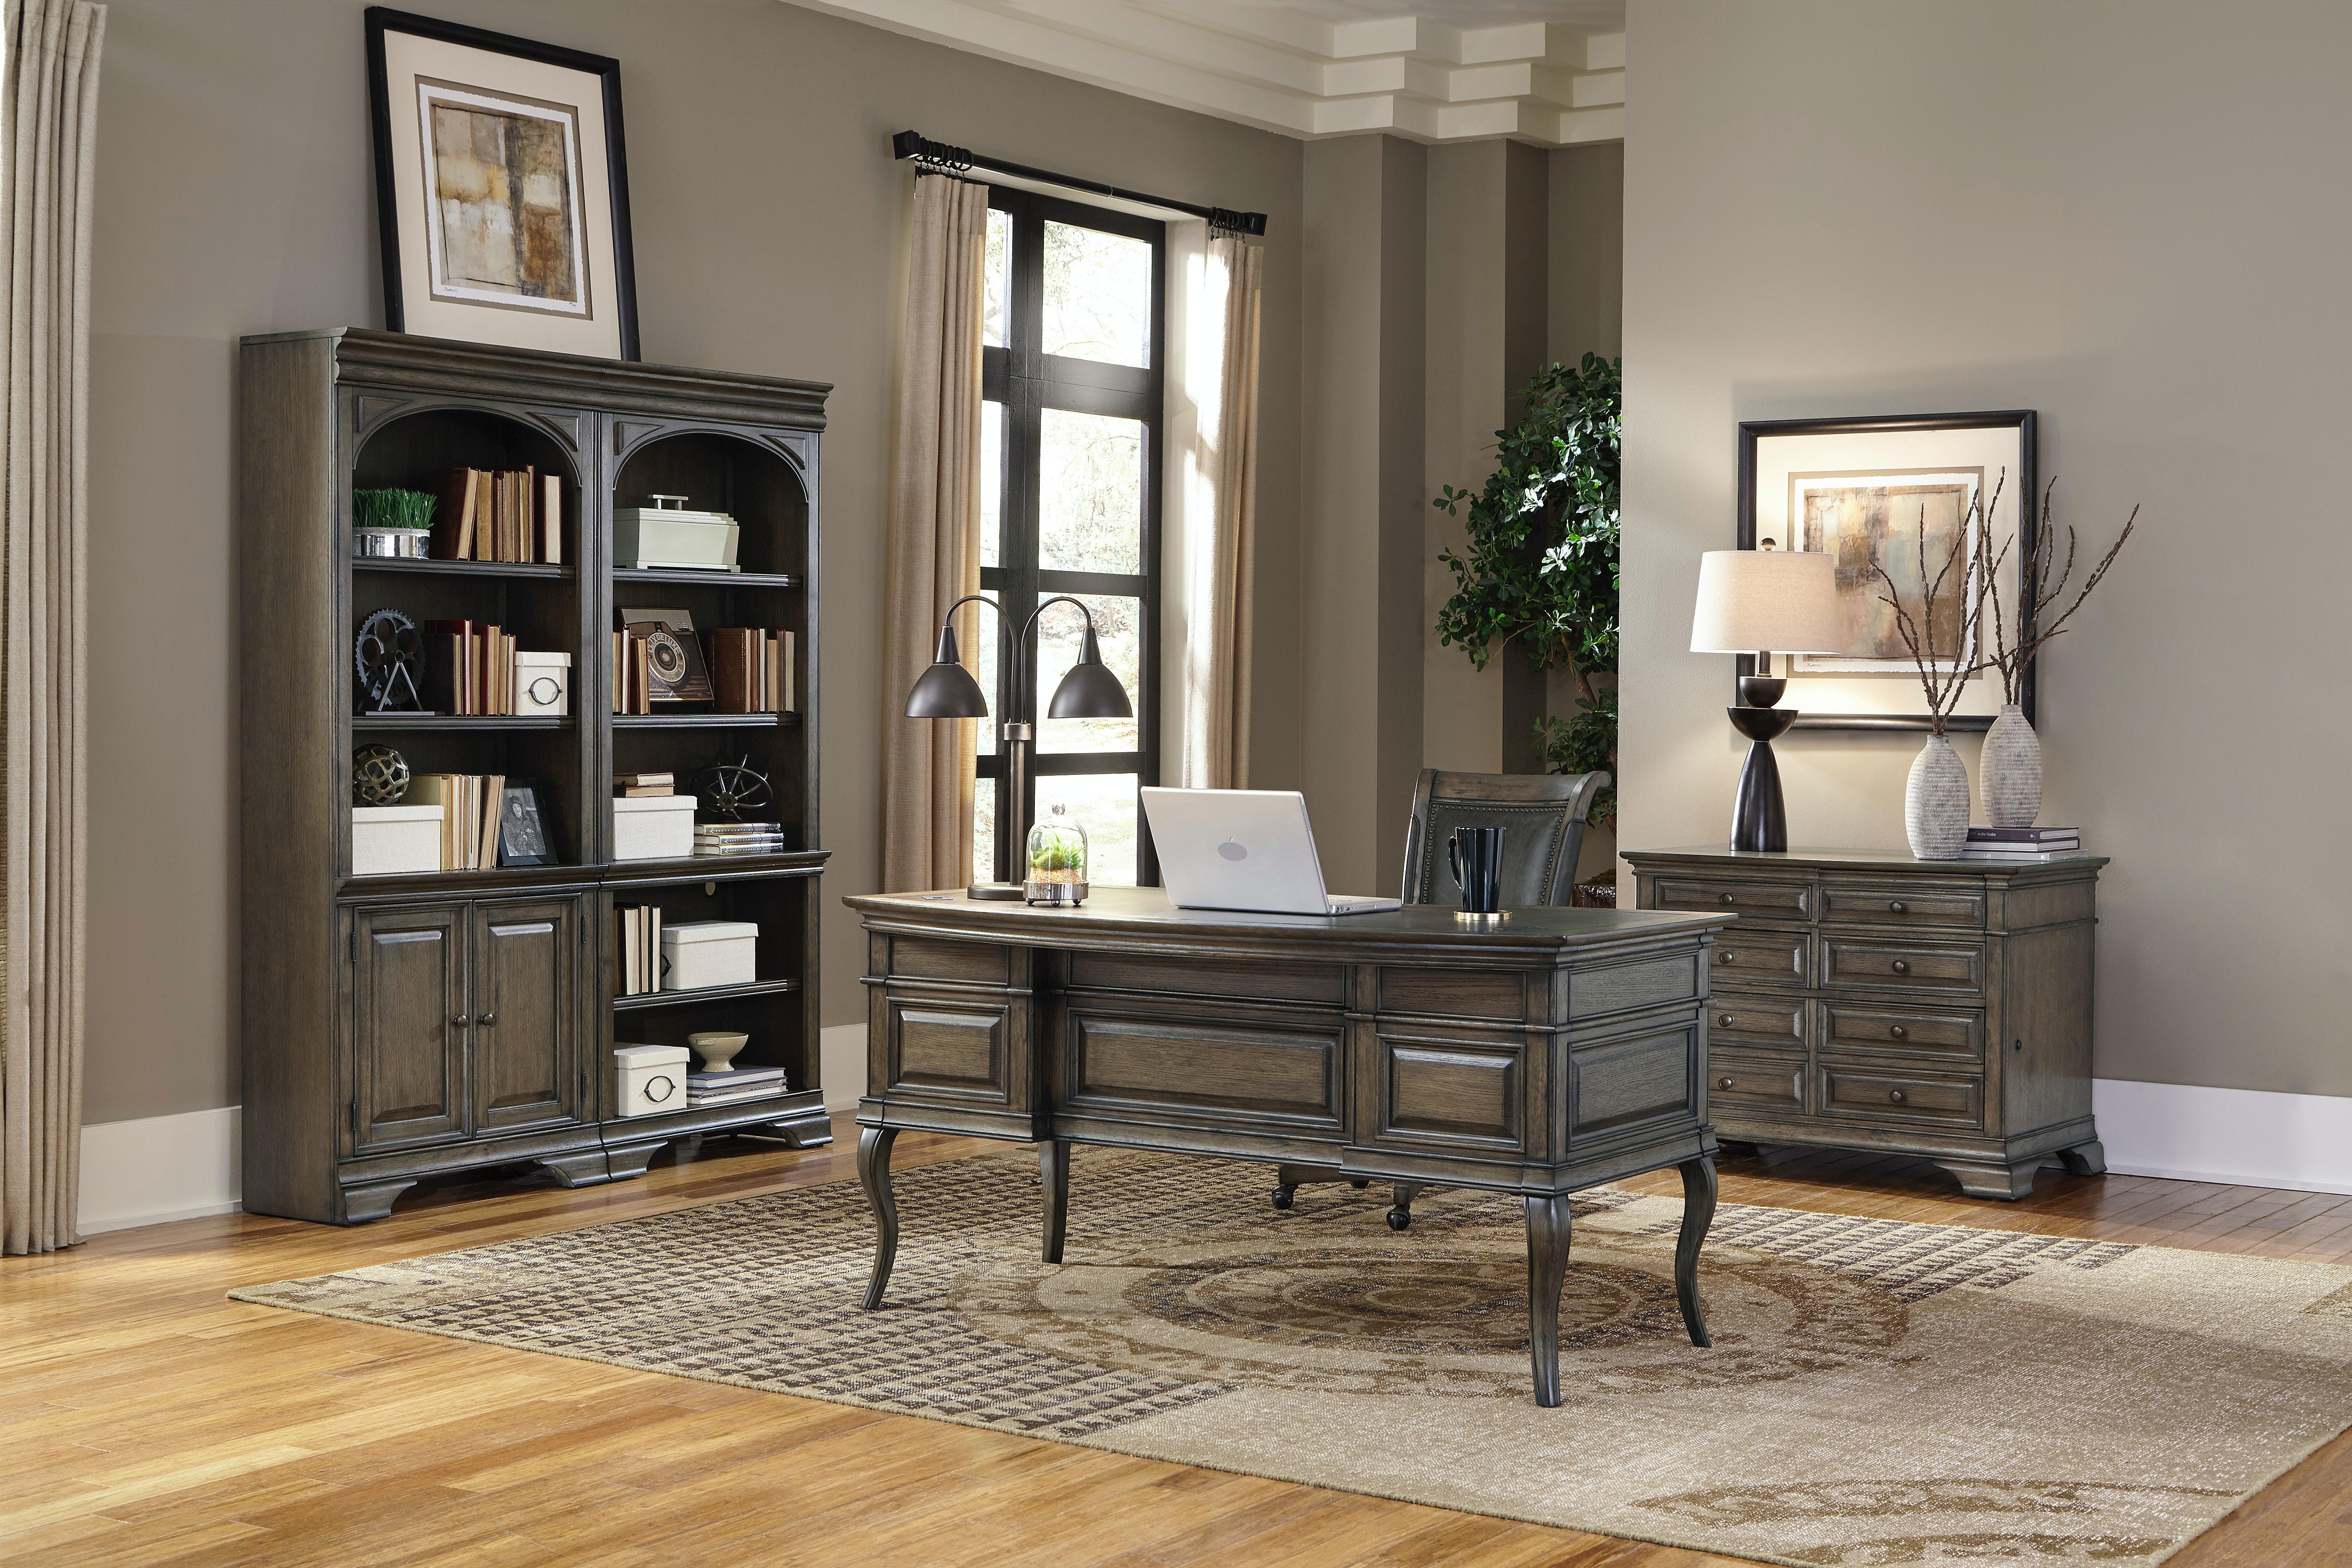 living room desks - babettes furniture - central florida